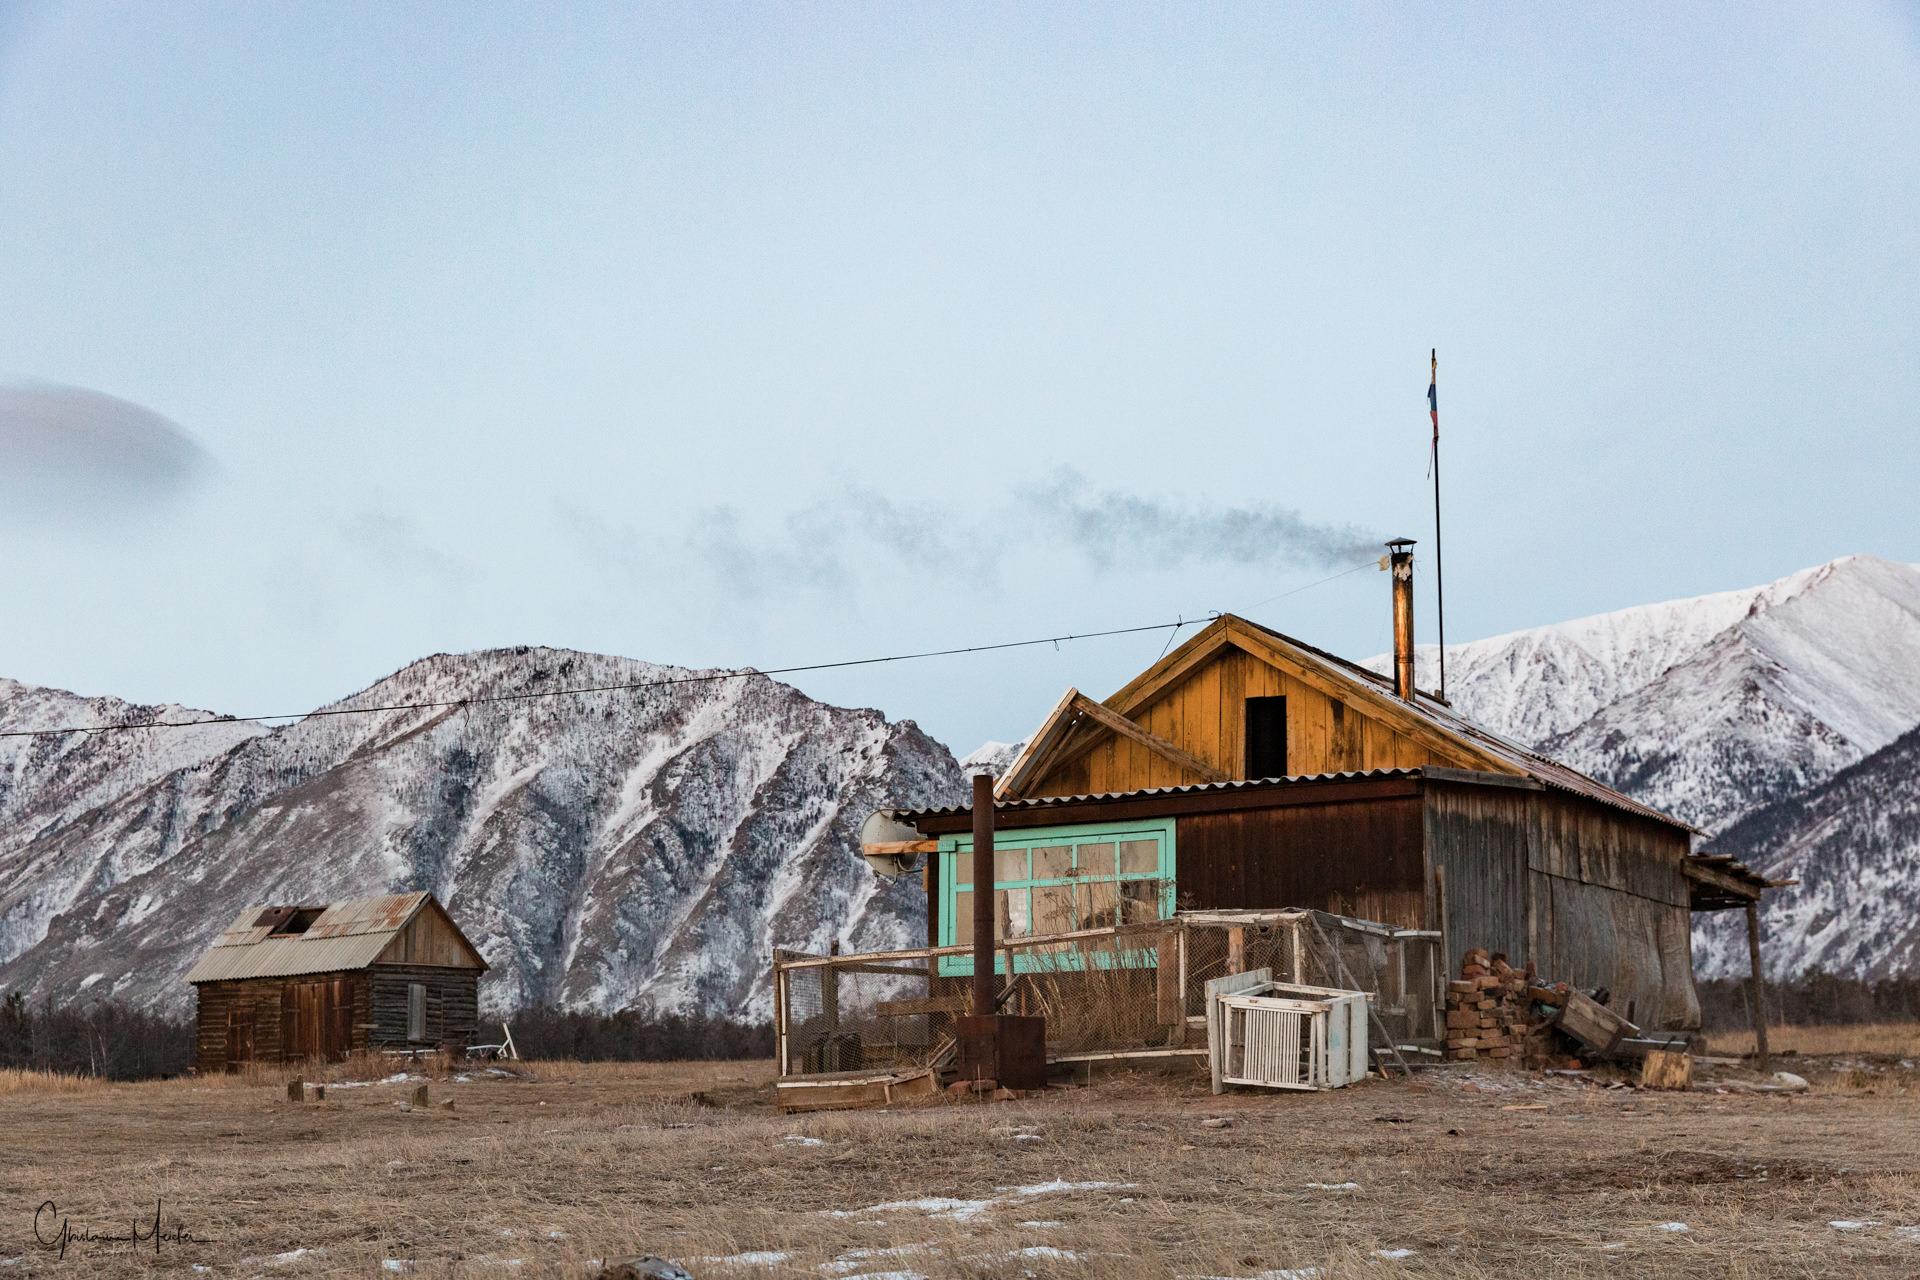 Baikal-61960.jpg